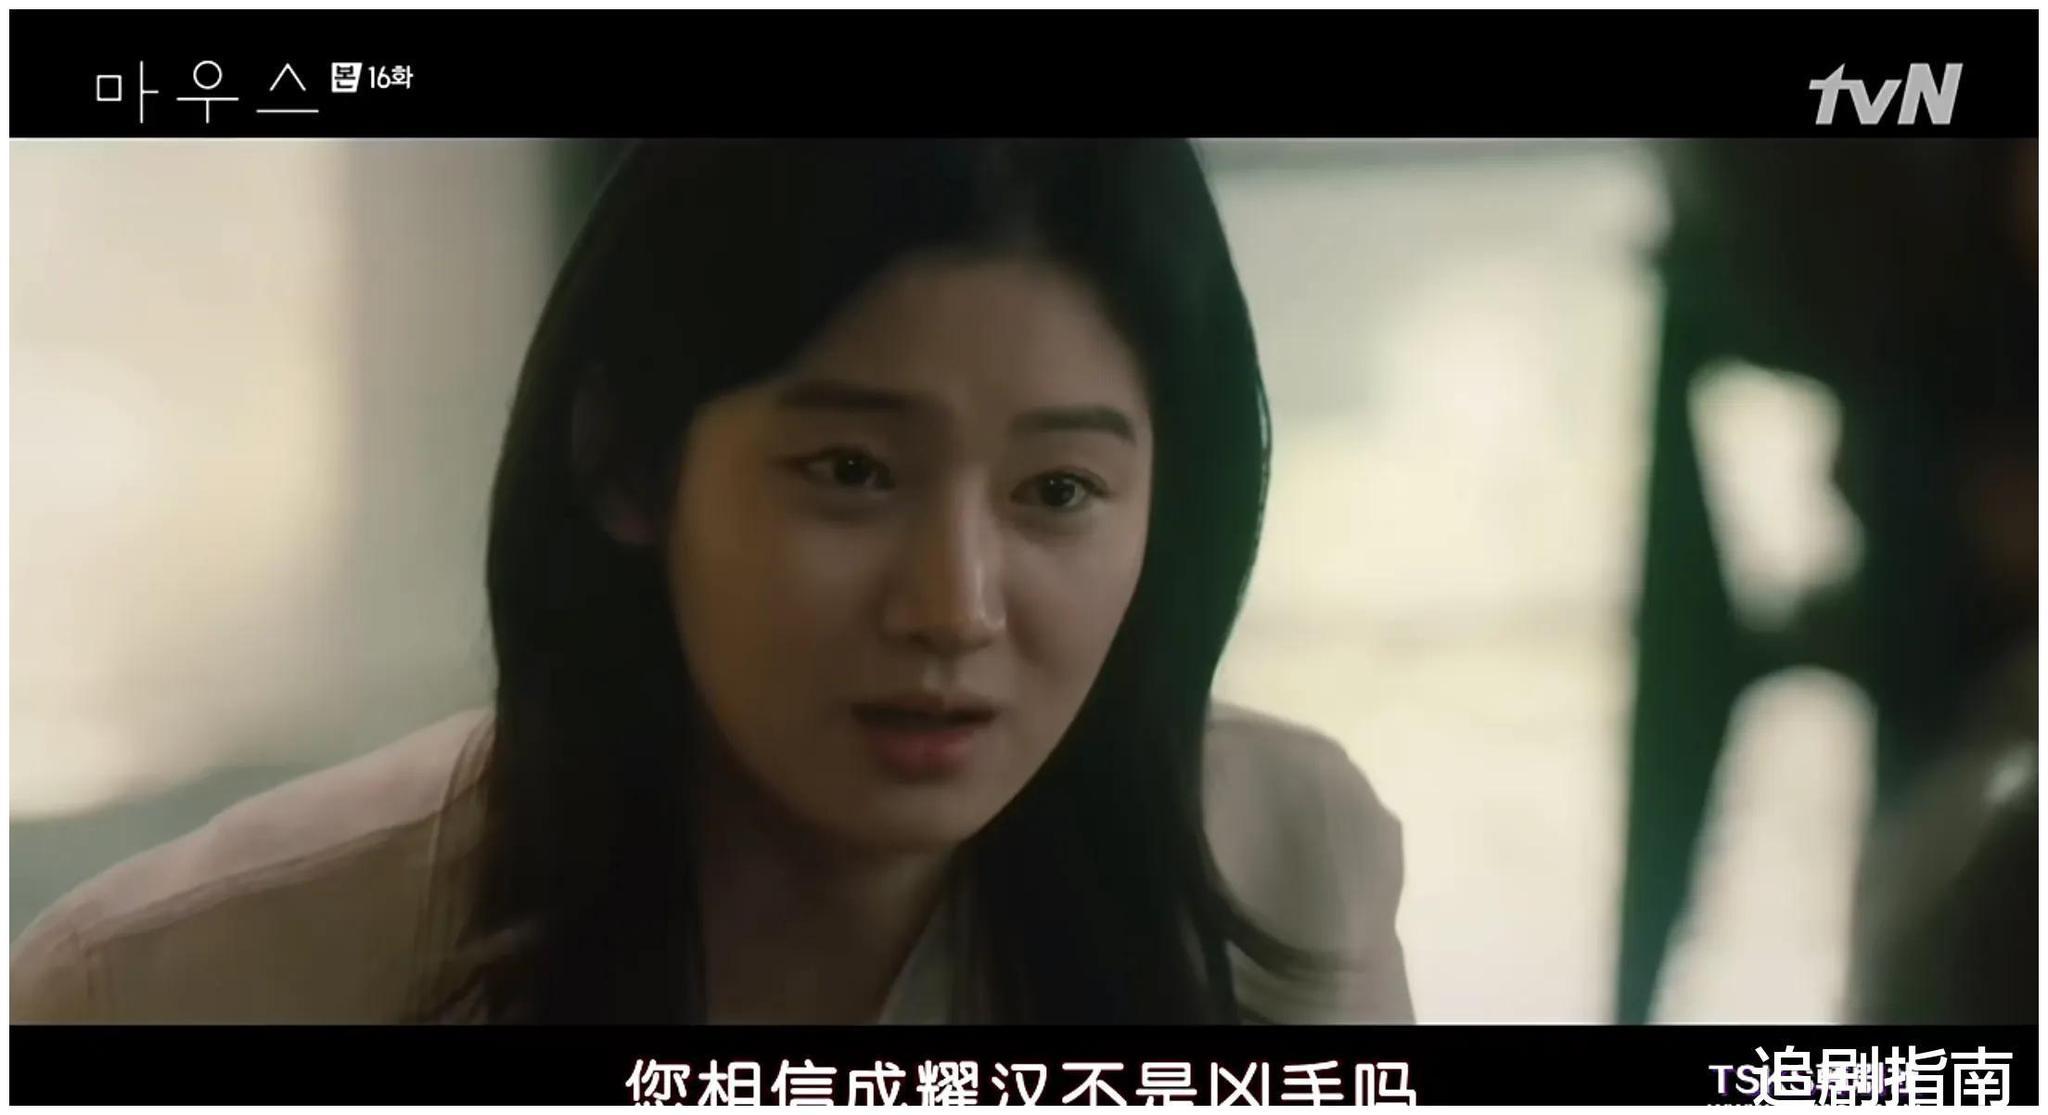 韩剧《窥探》:剧情越看脑壳越疼,看完后背发凉!